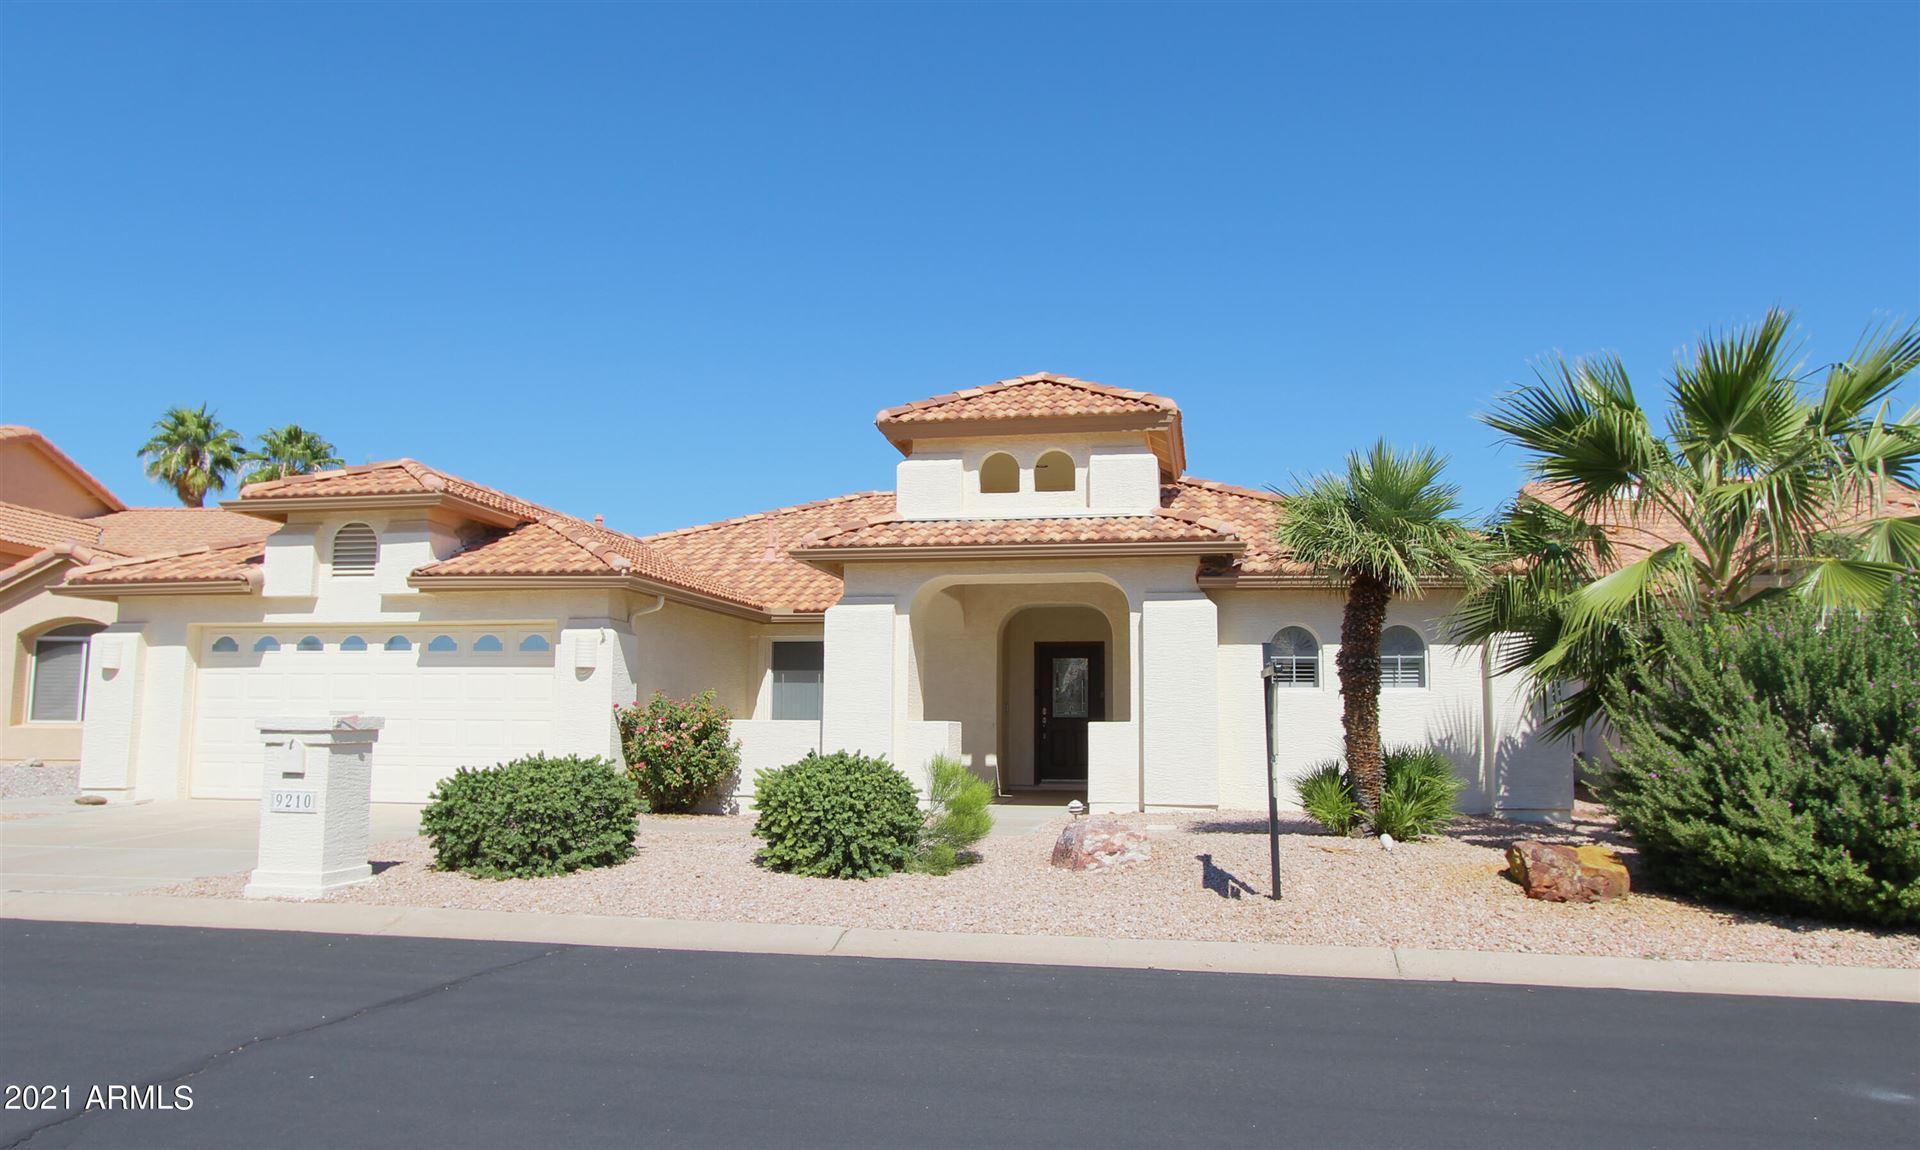 Photo of 9210 E Cedar Waxwing Drive, Sun Lakes, AZ 85248 (MLS # 6306166)